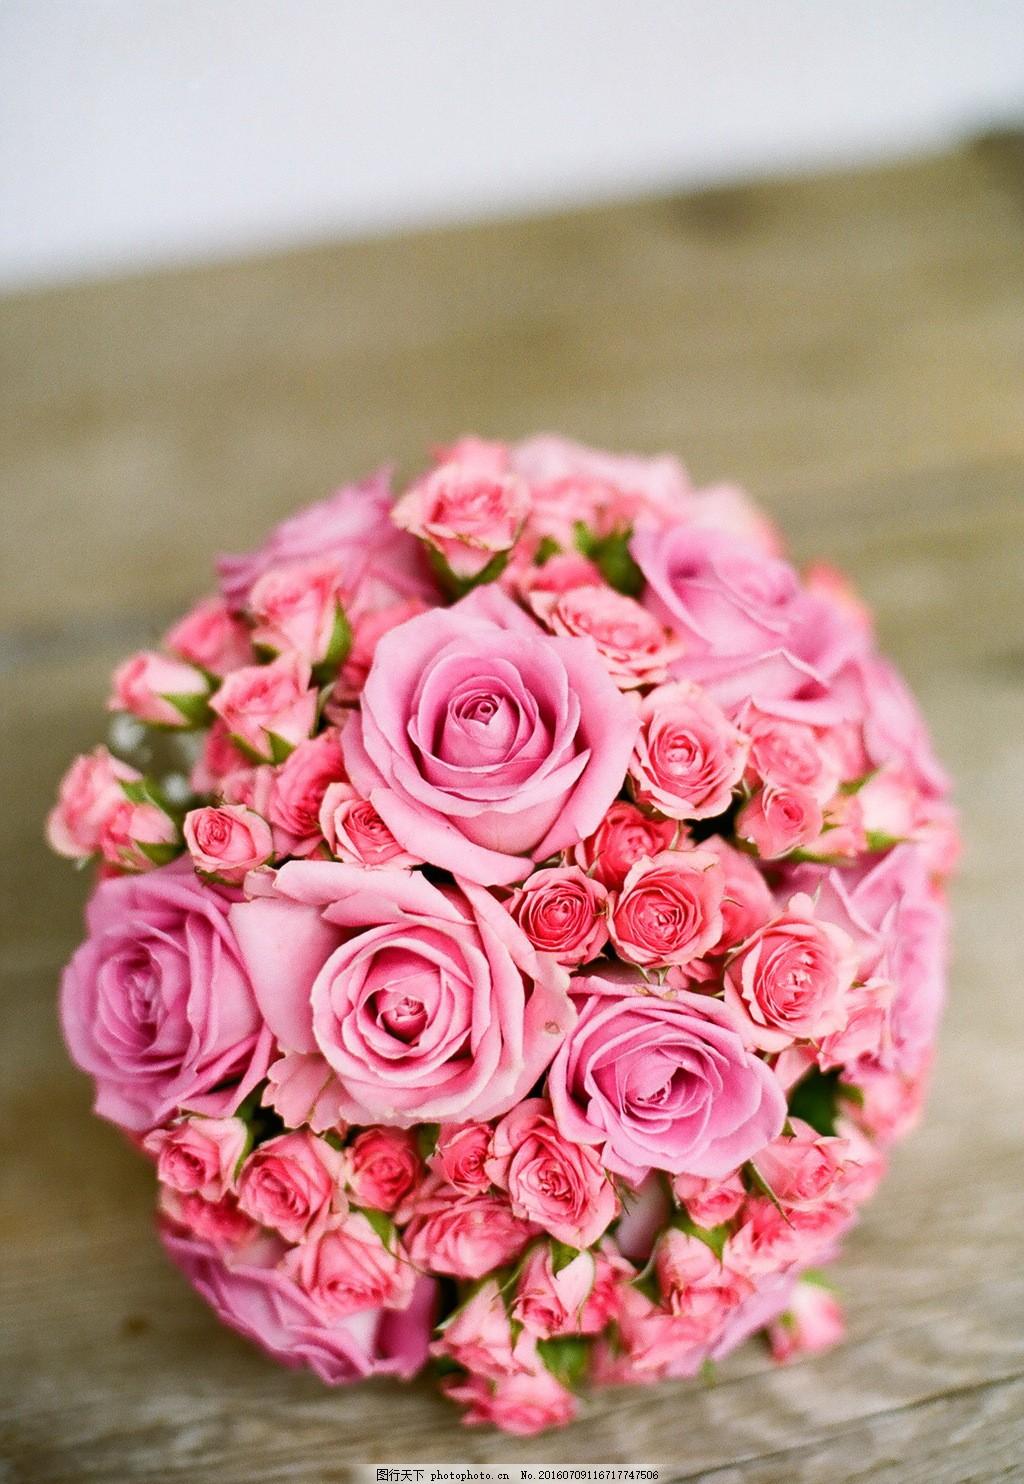 唯美粉色玫瑰花球图片